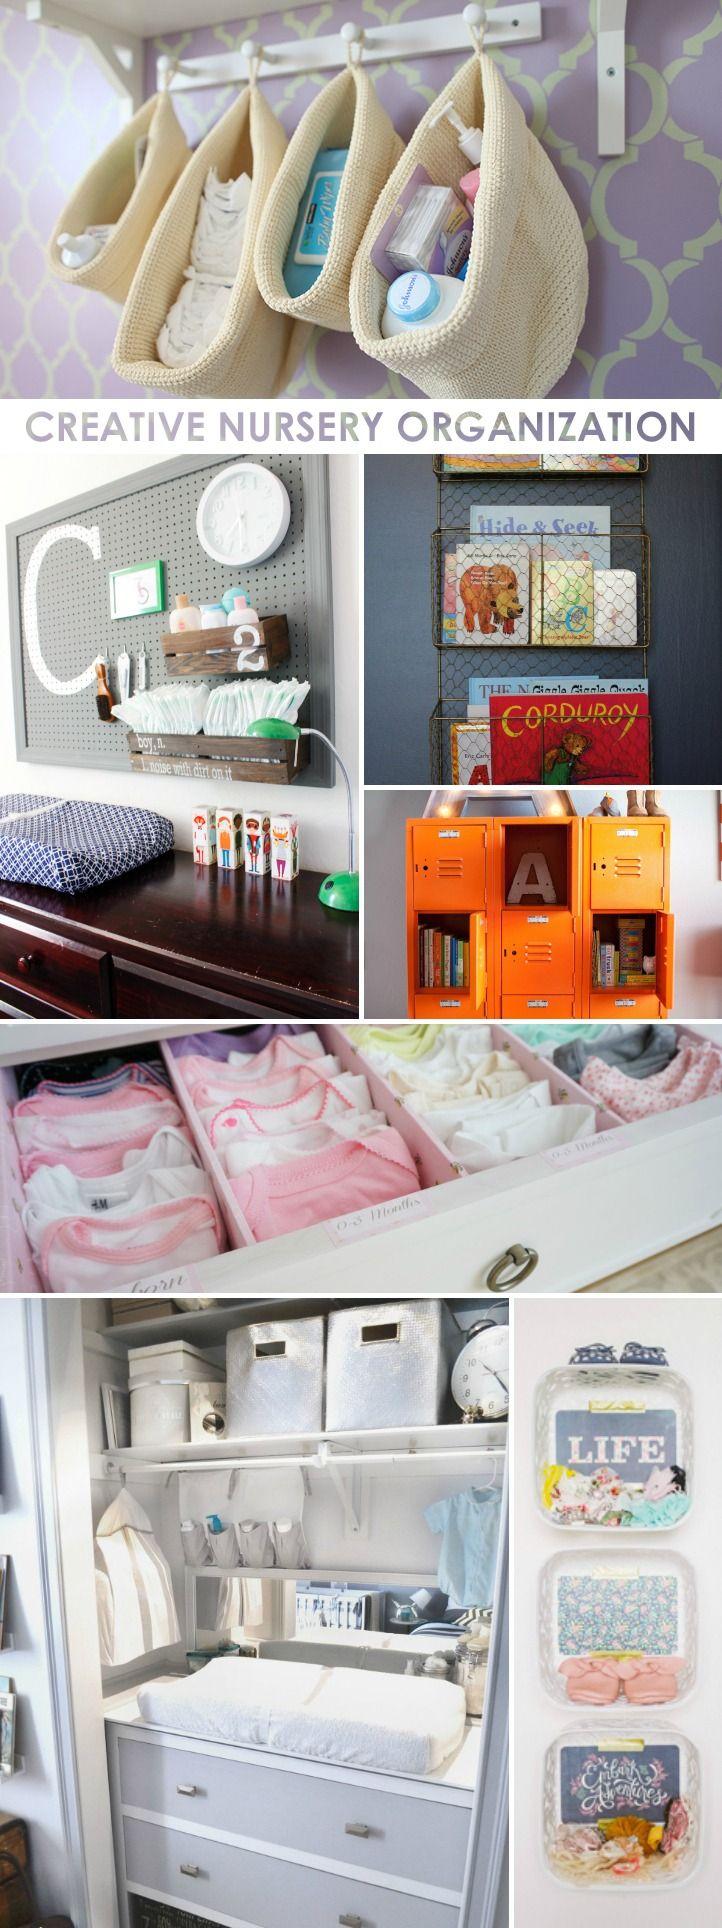 Creative Nursery Organization Ideas | ProjectNursery.com